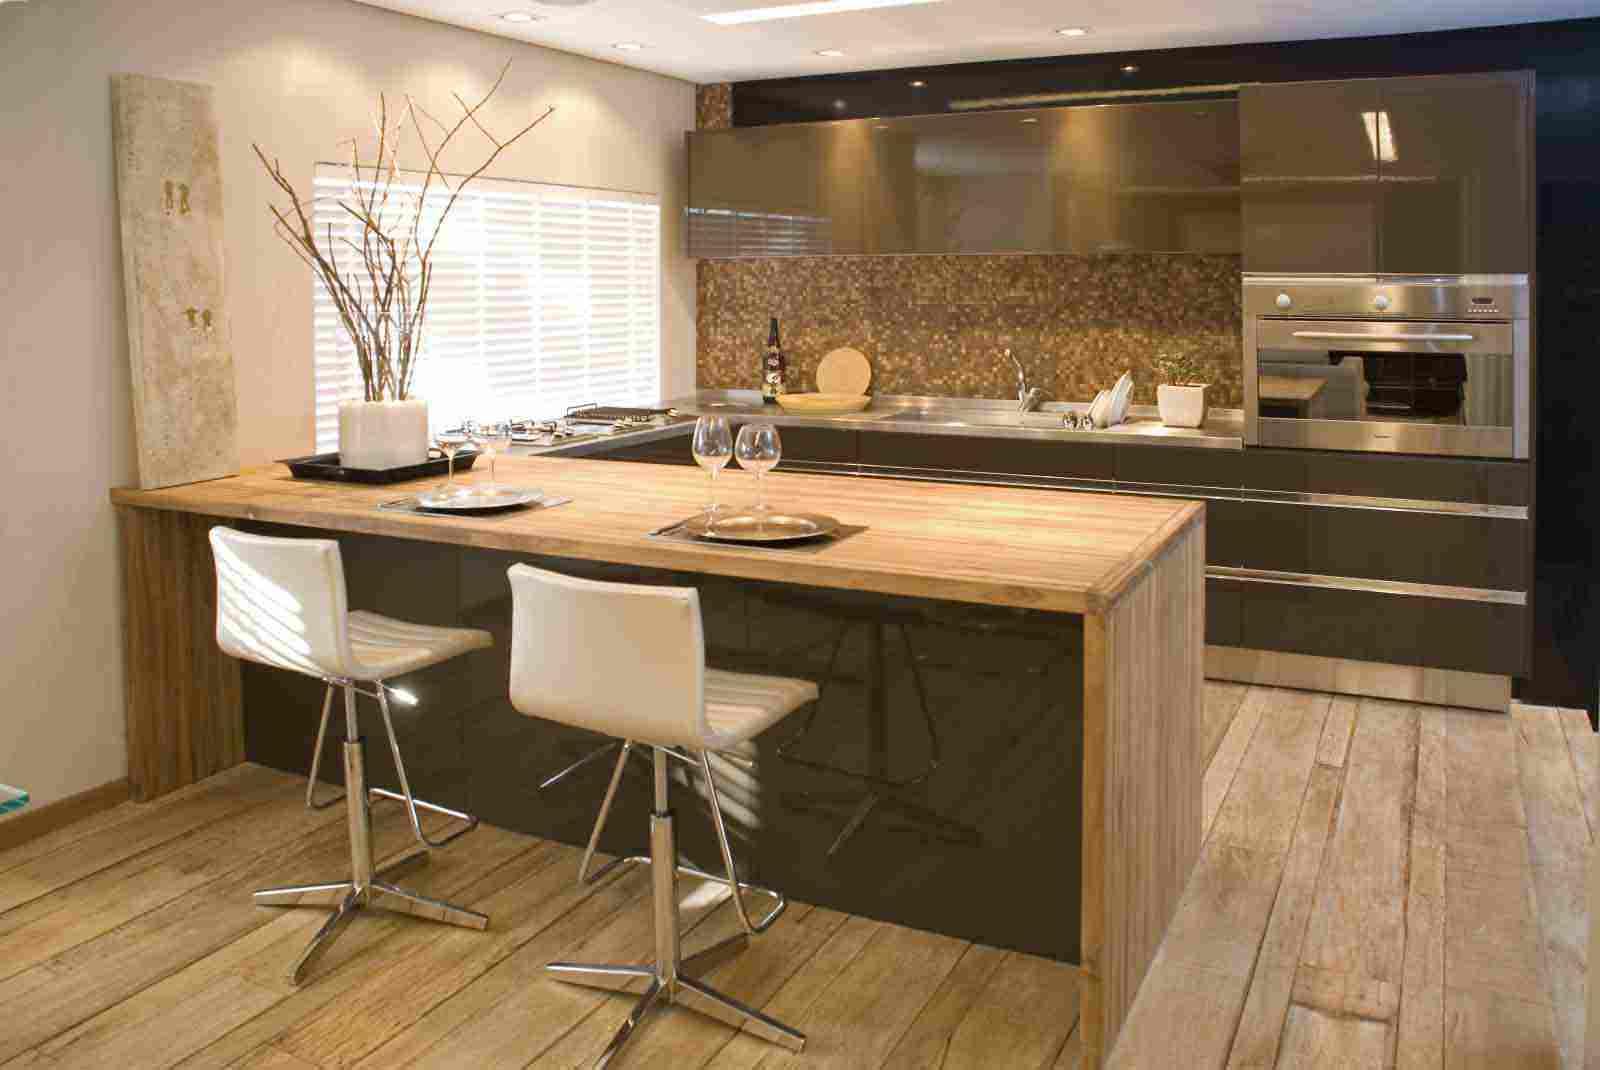 Projetos & Decoração: Cozinhas #956836 1600 1070